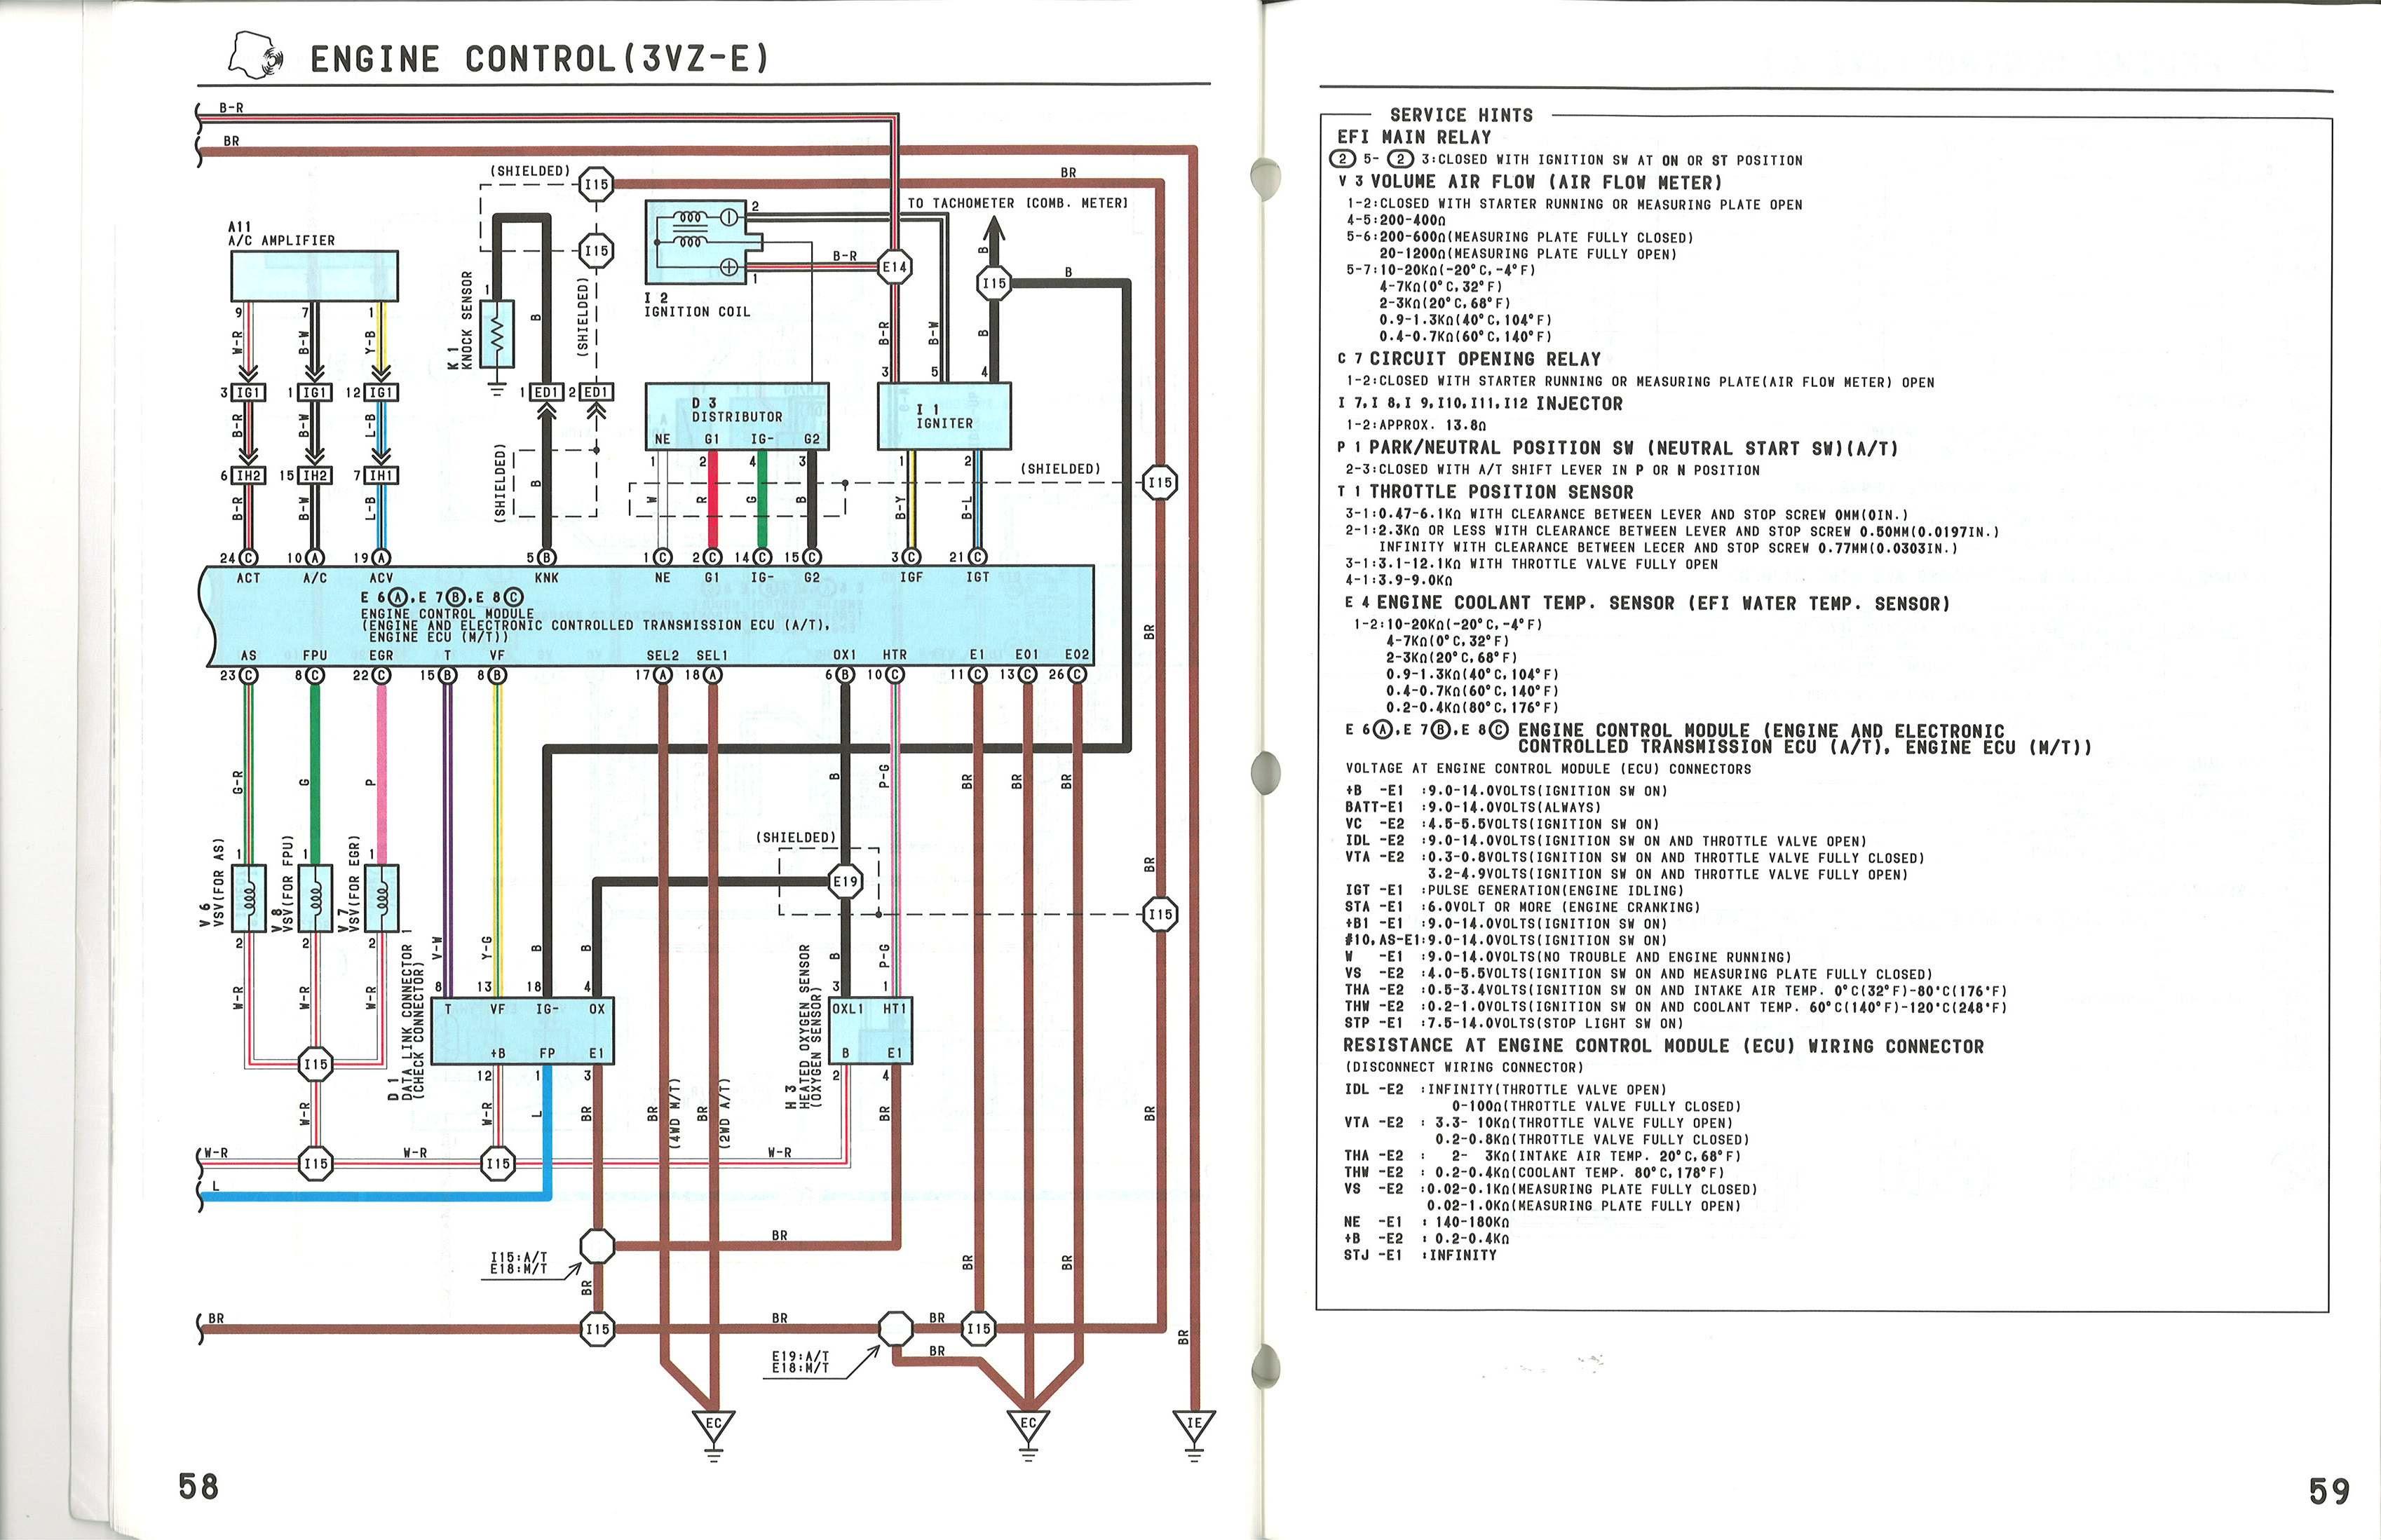 knock sensor wire diagram toyota 4runner knock sensor location  toyota 4runner knock sensor location